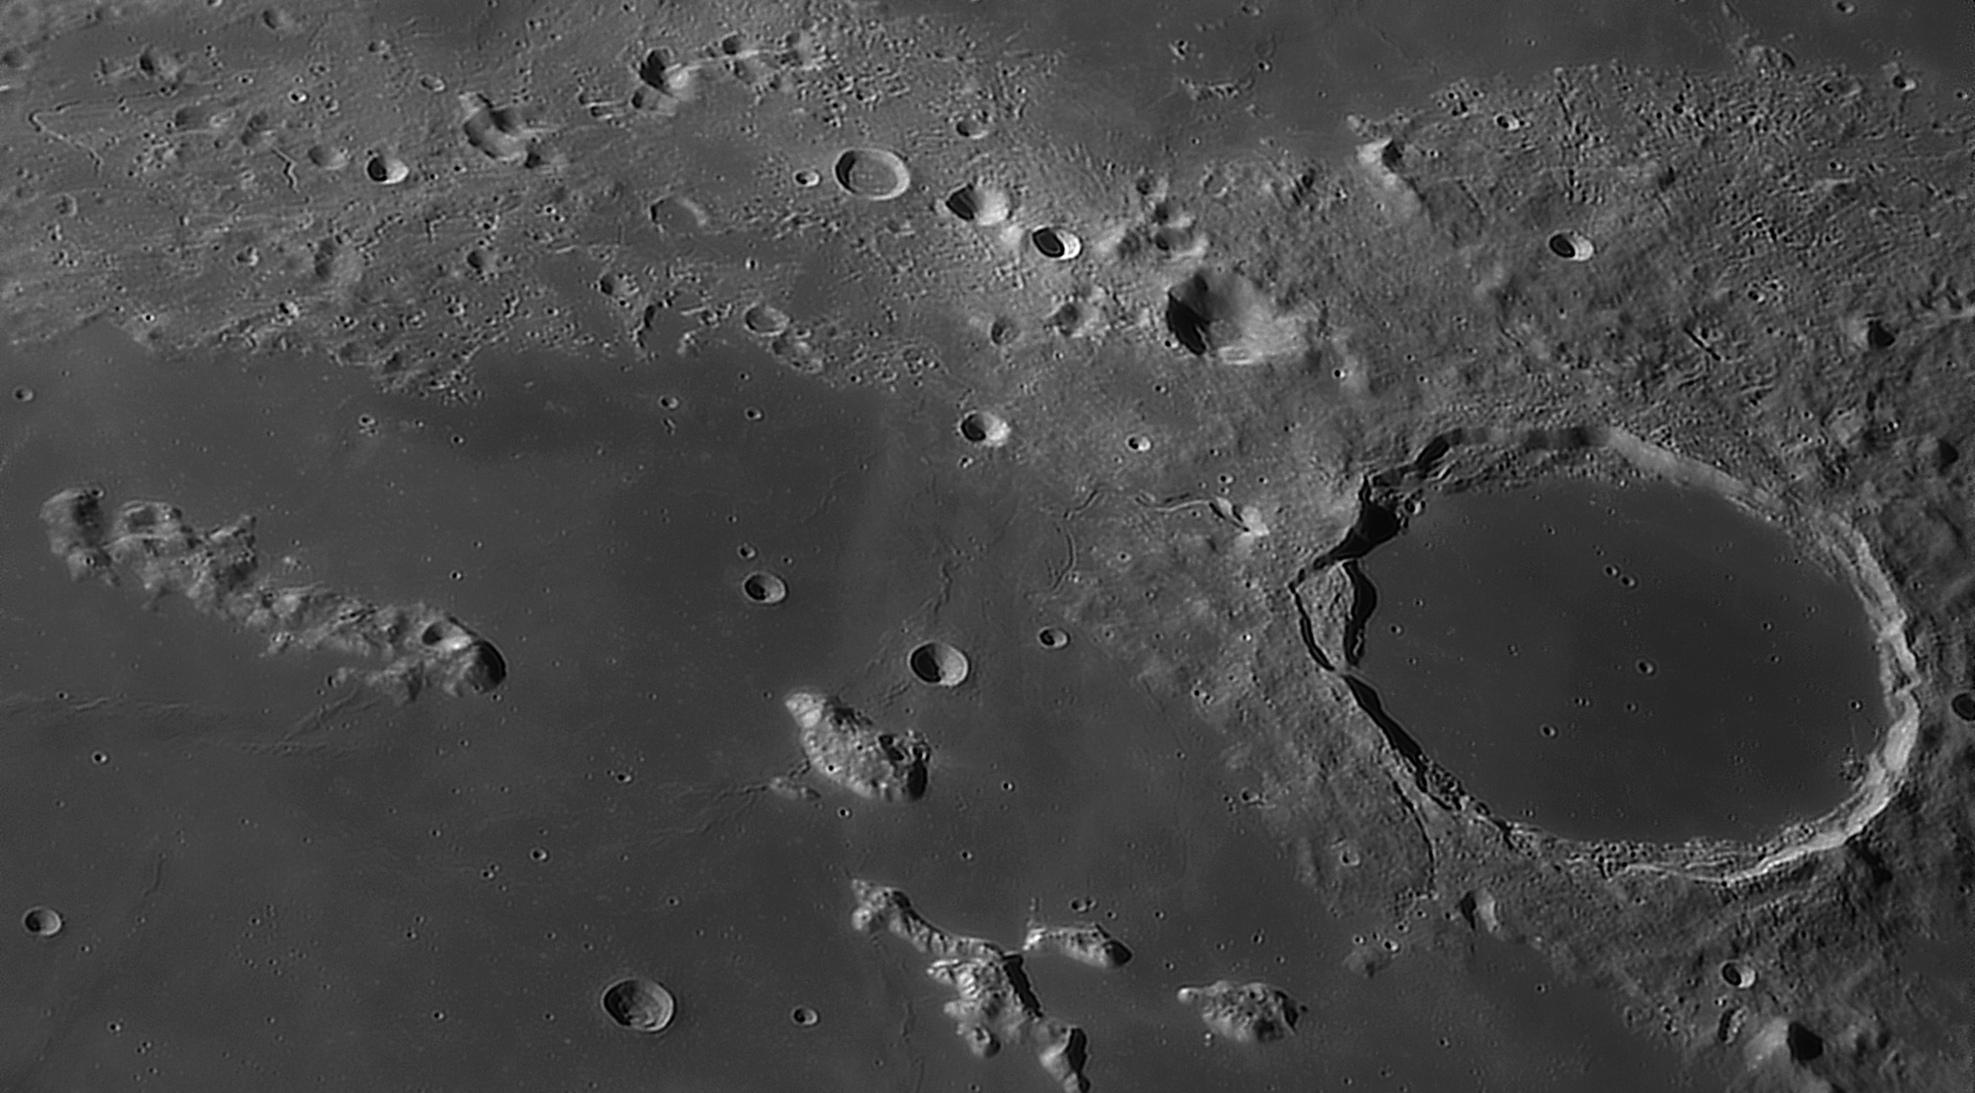 large.moon_20_09_2019_03_56_plATO.jpg.ddfd94bb53e04875551927aaed3f6d0b.jpg